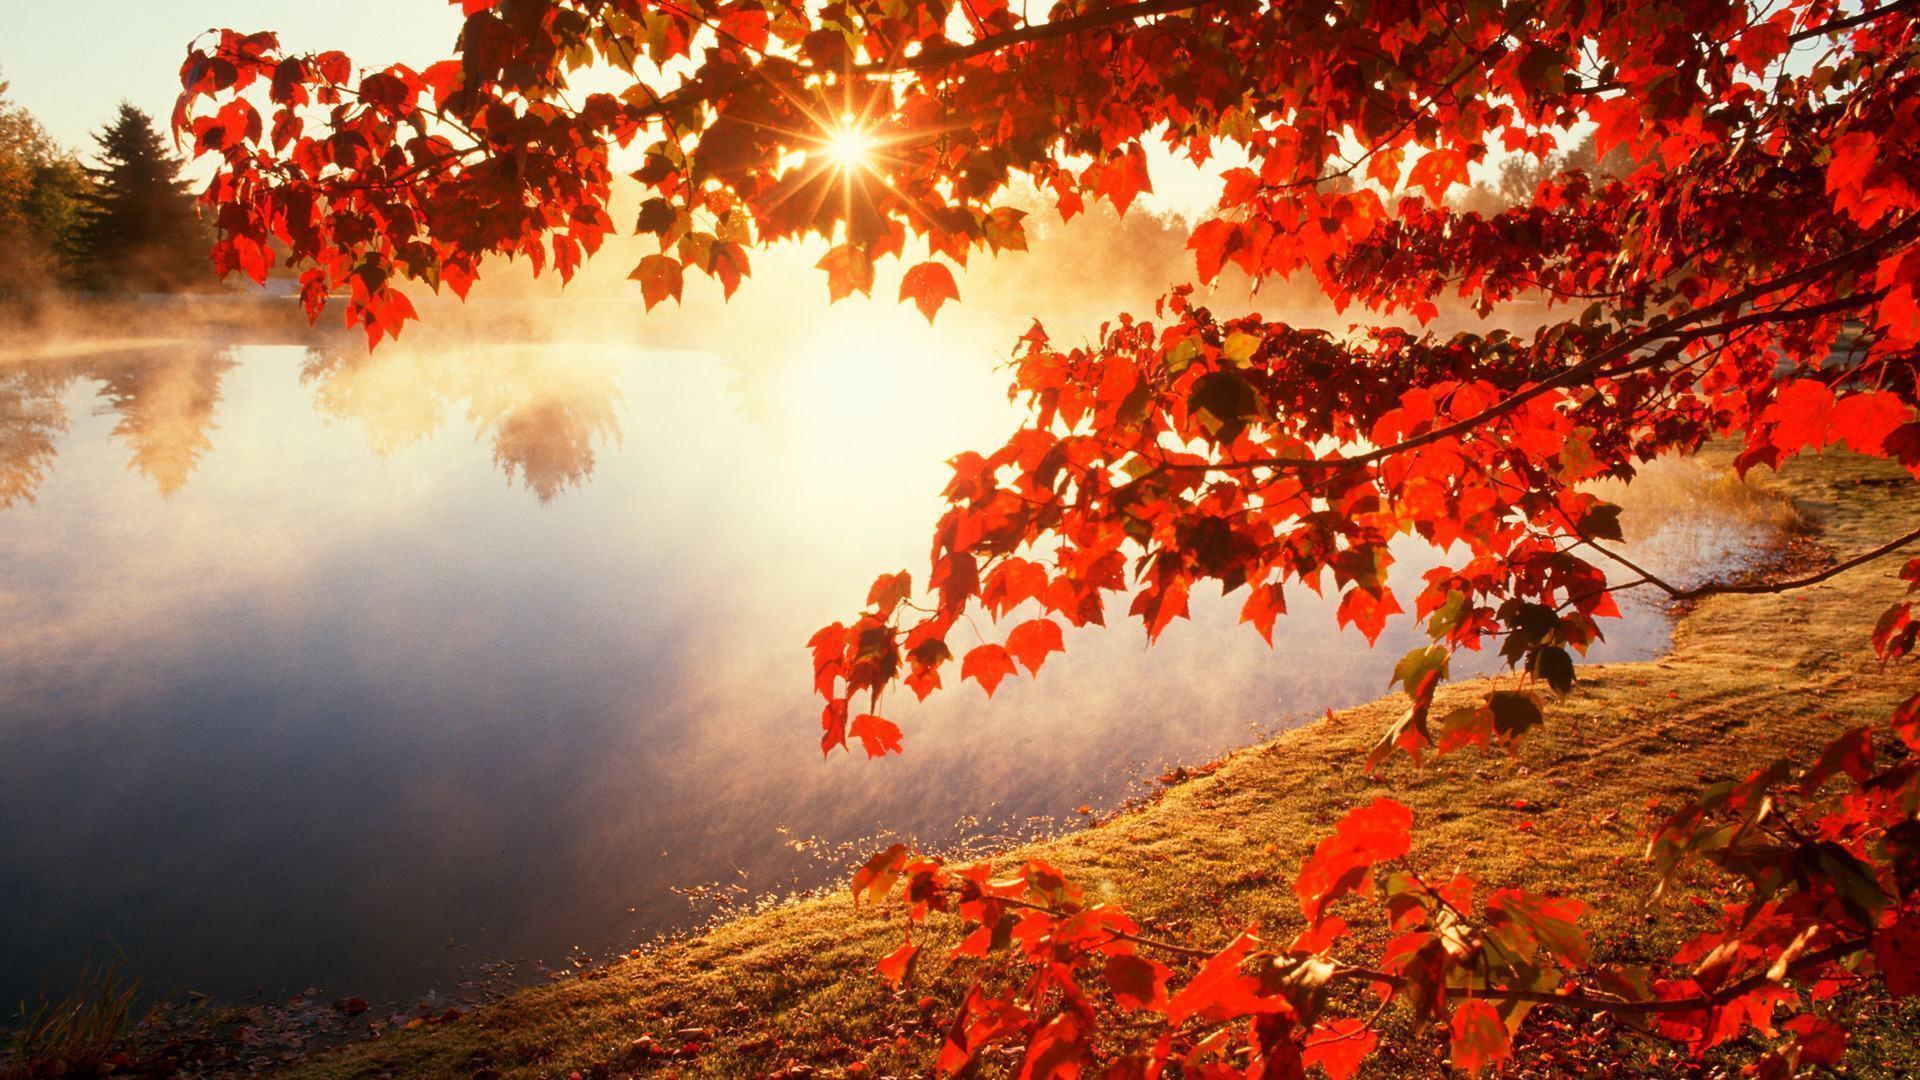 autumn wallpaper 007 free - photo #35